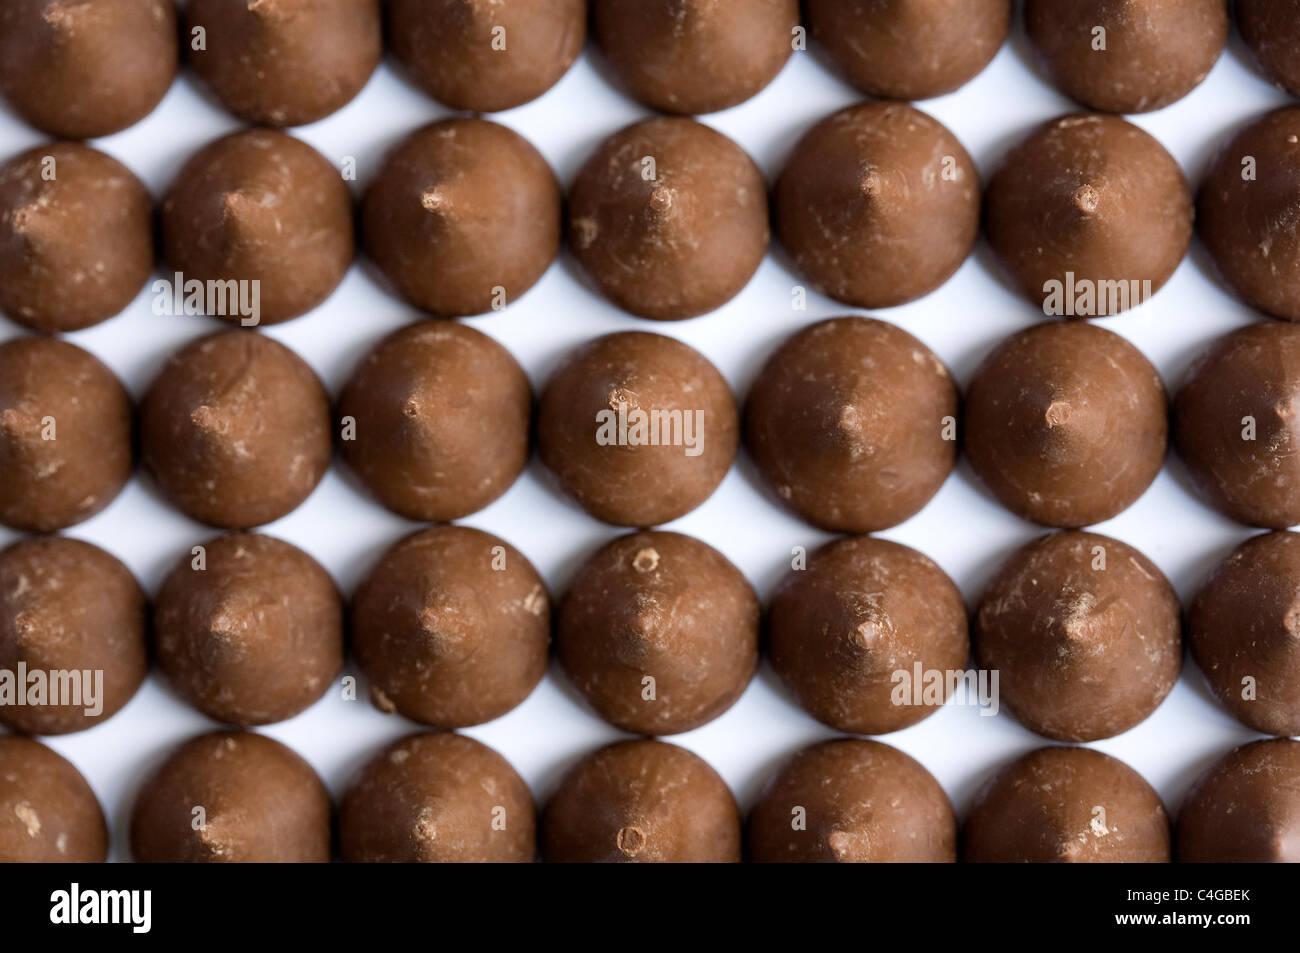 Hershey's baci cioccolato al latte Immagini Stock